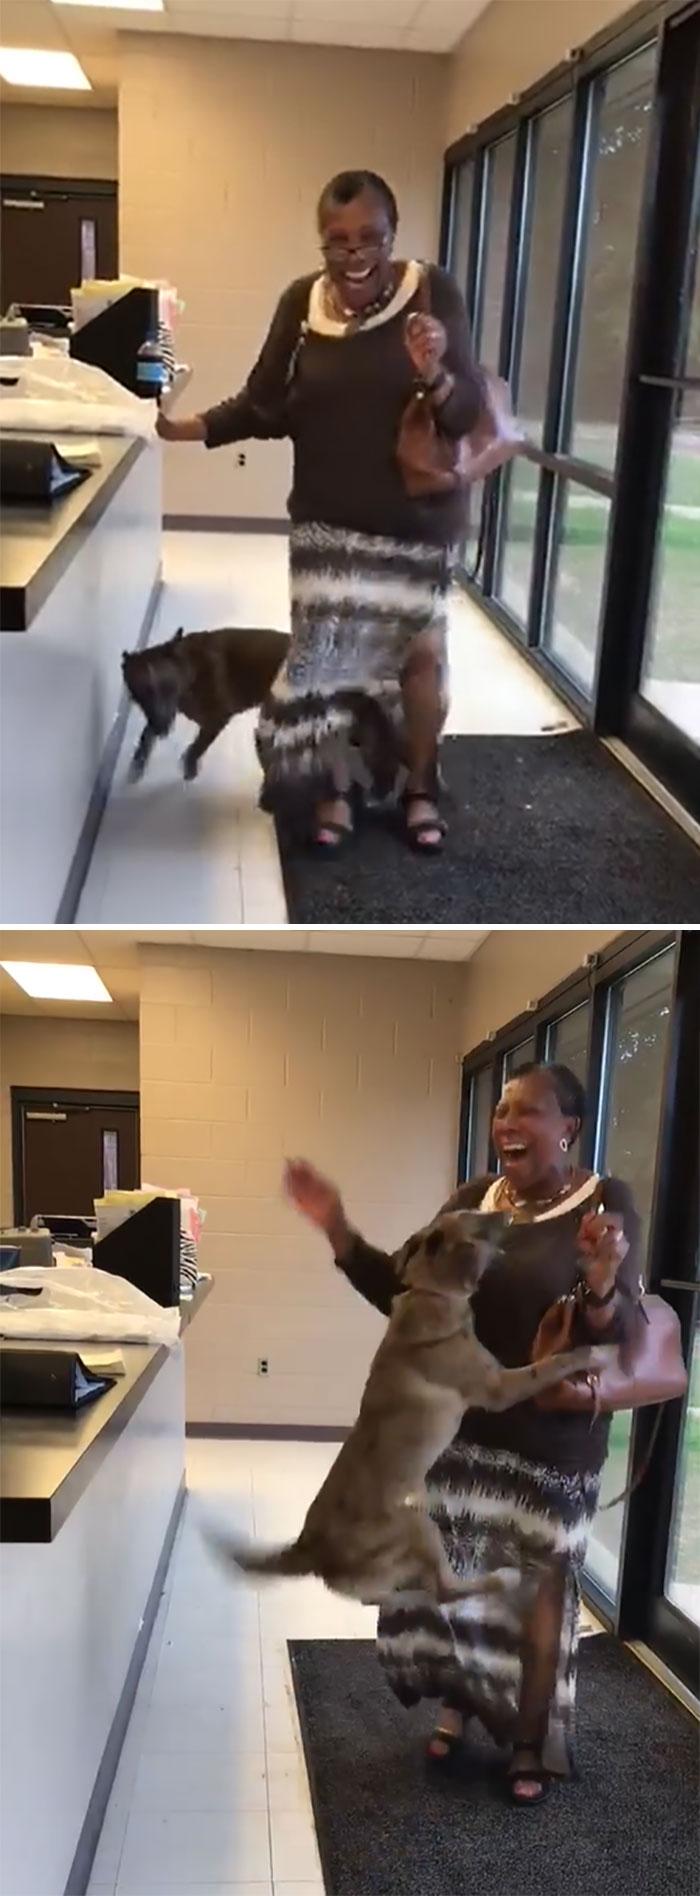 Un perro desaparecido durante más de dos semanas se reencuentra con su dueña en el refugio de animales de la ciudad de Jackson